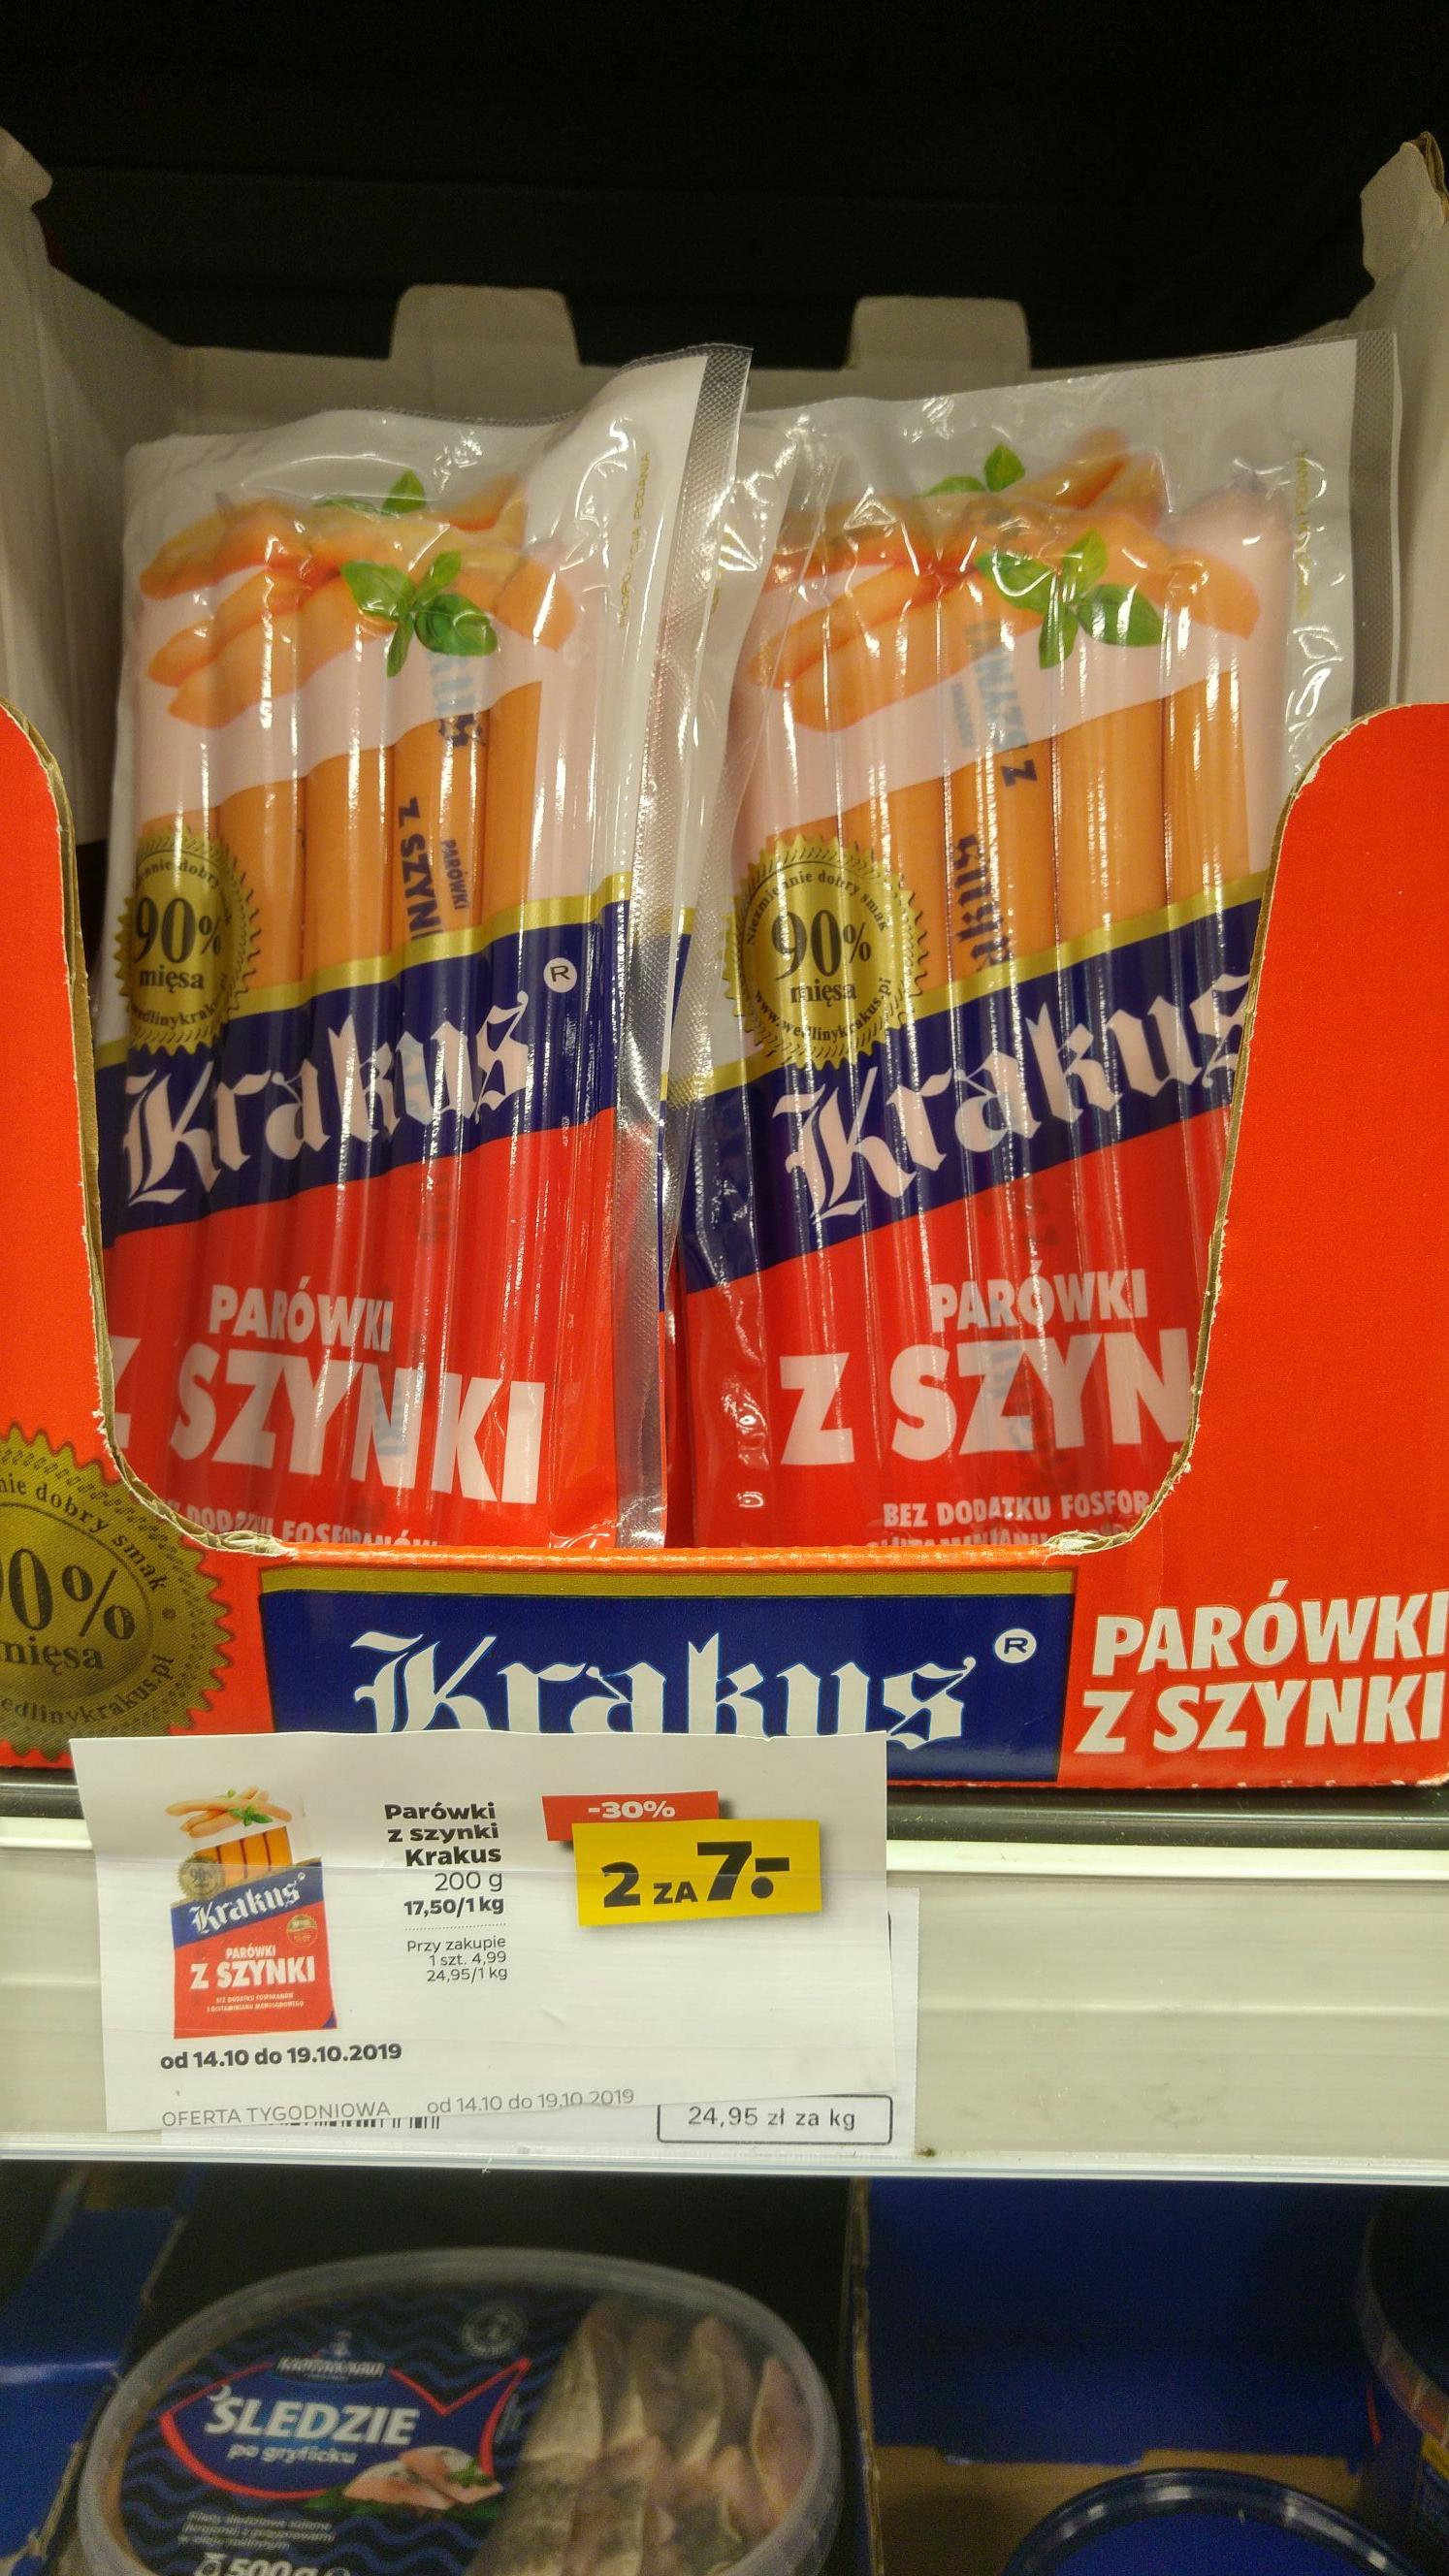 Parówki 90% szynki Krakus@ Netto (Łódź)